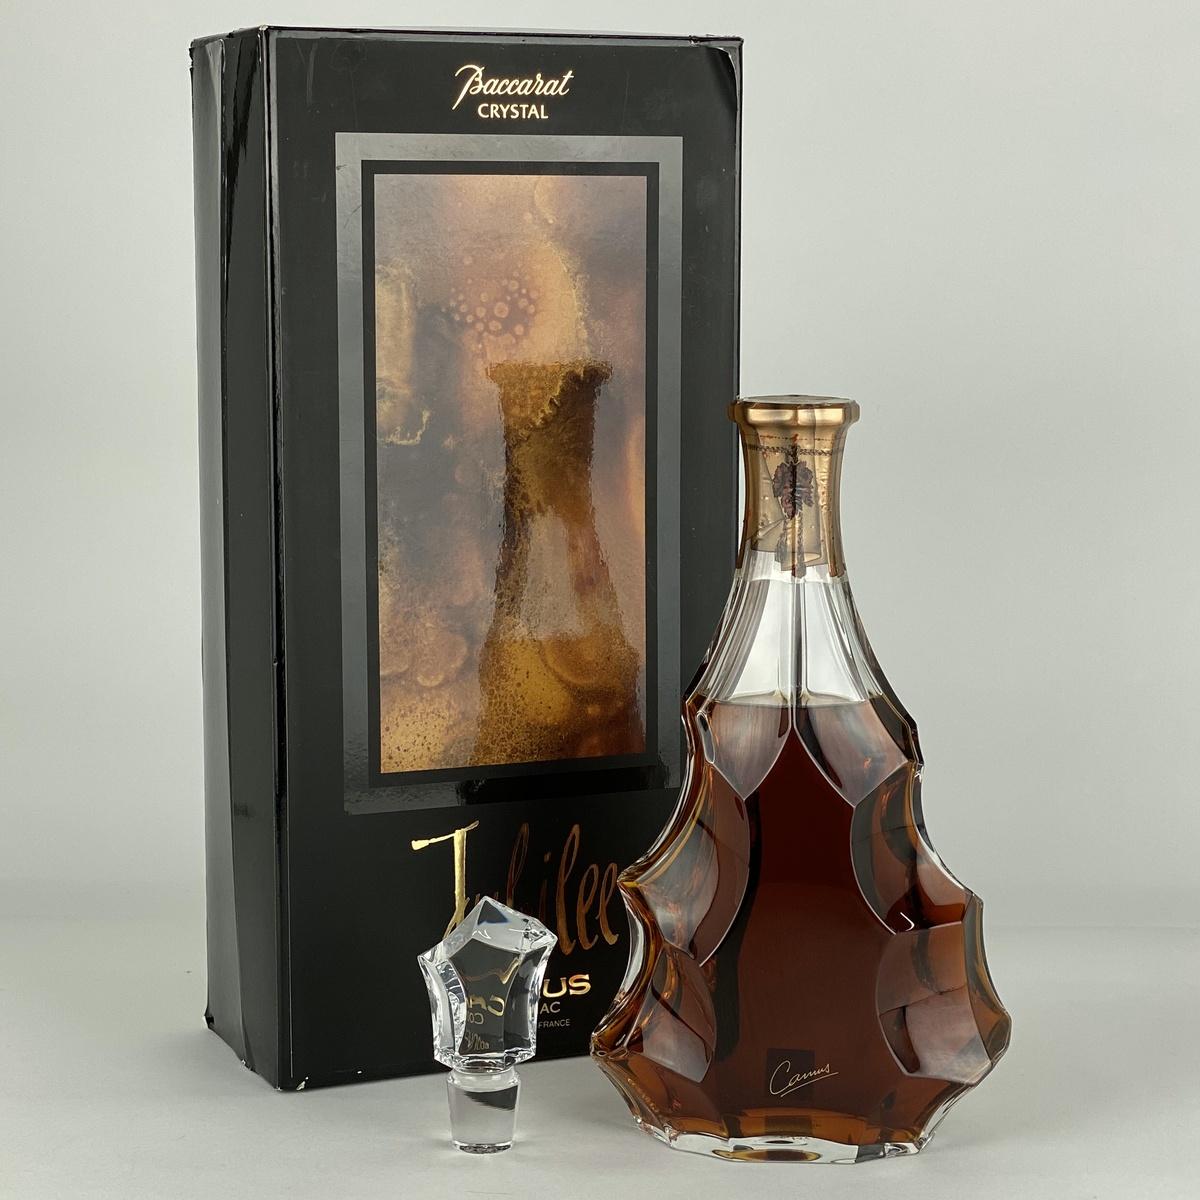 カミュ CAMUS ジュビリー バカラ 700ml ブランデー コニャック 【古酒】